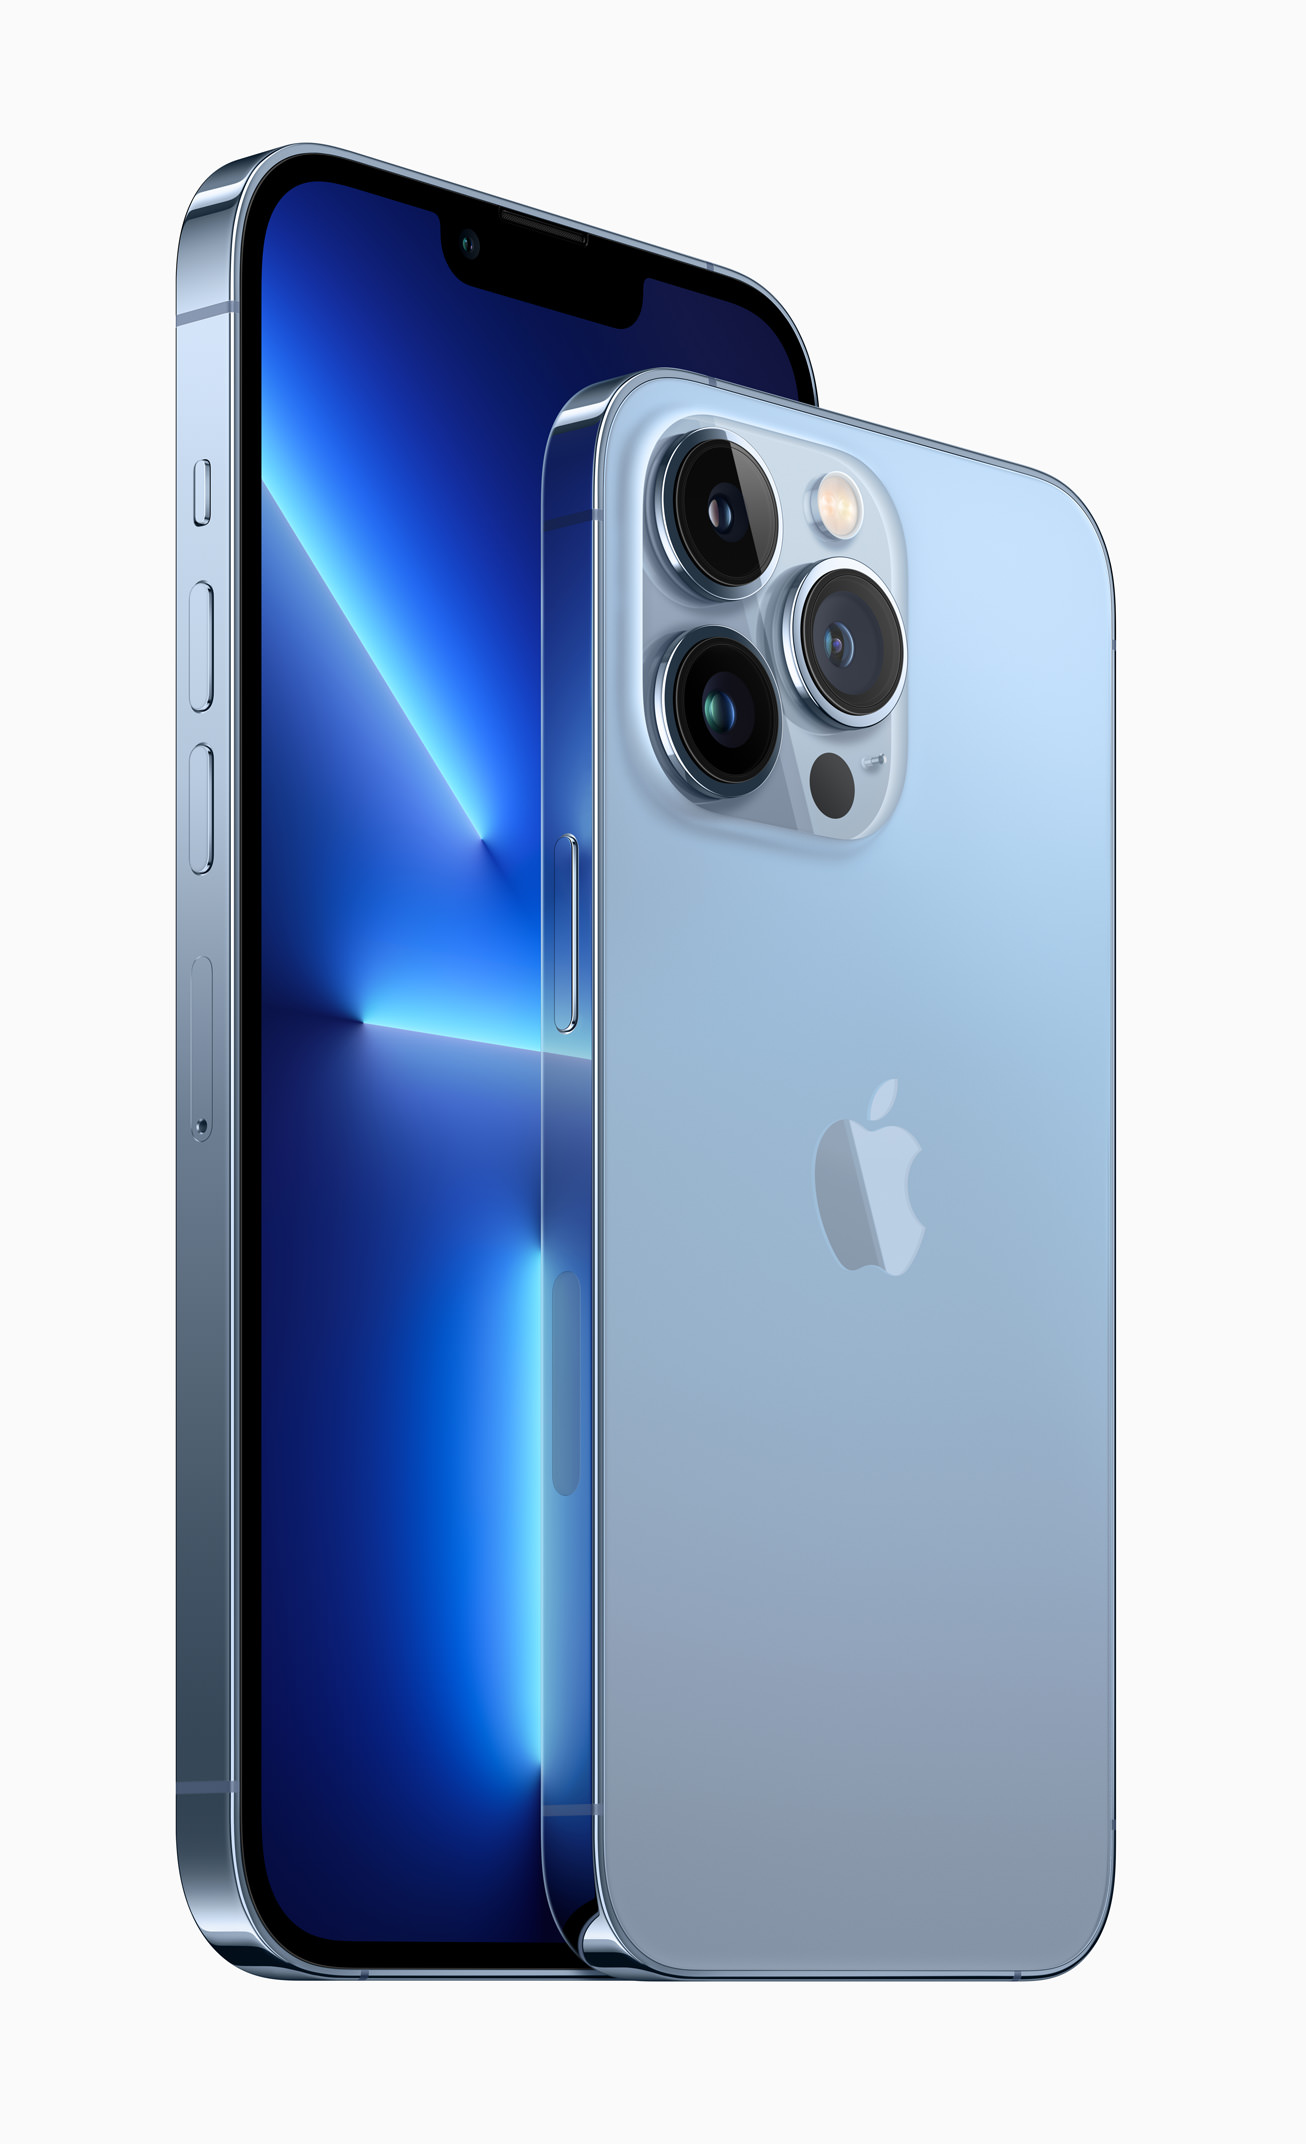 「iPhone 13」シリーズ発表、価格・発売日・スペックなど概要まとめ